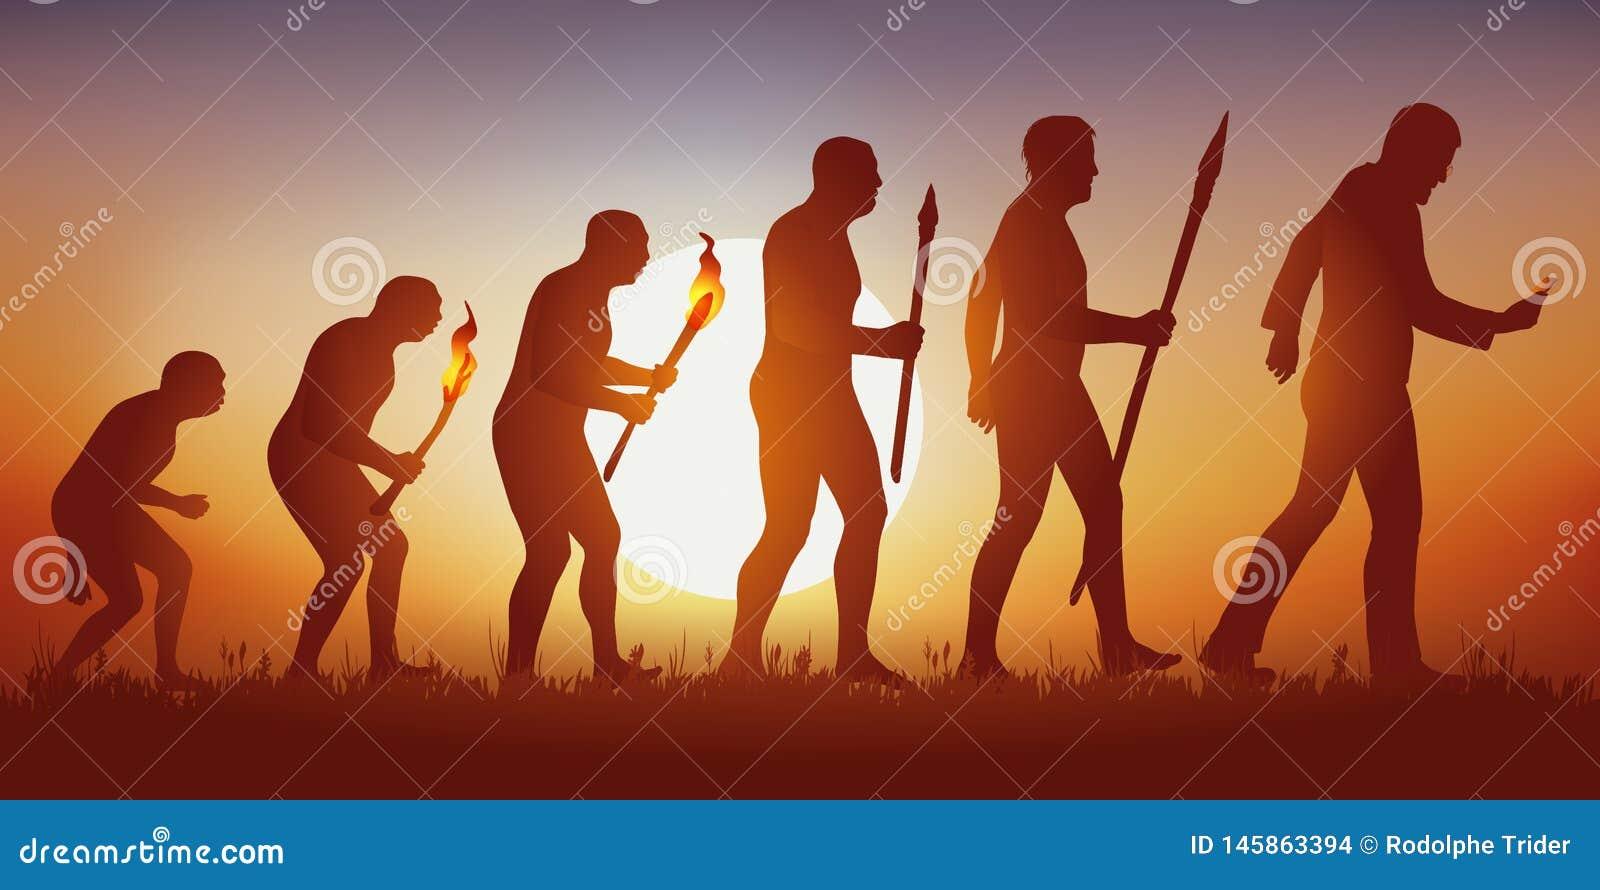 Ewolucja ludzkość w kierunku hyperconnected i prowadzącego światu